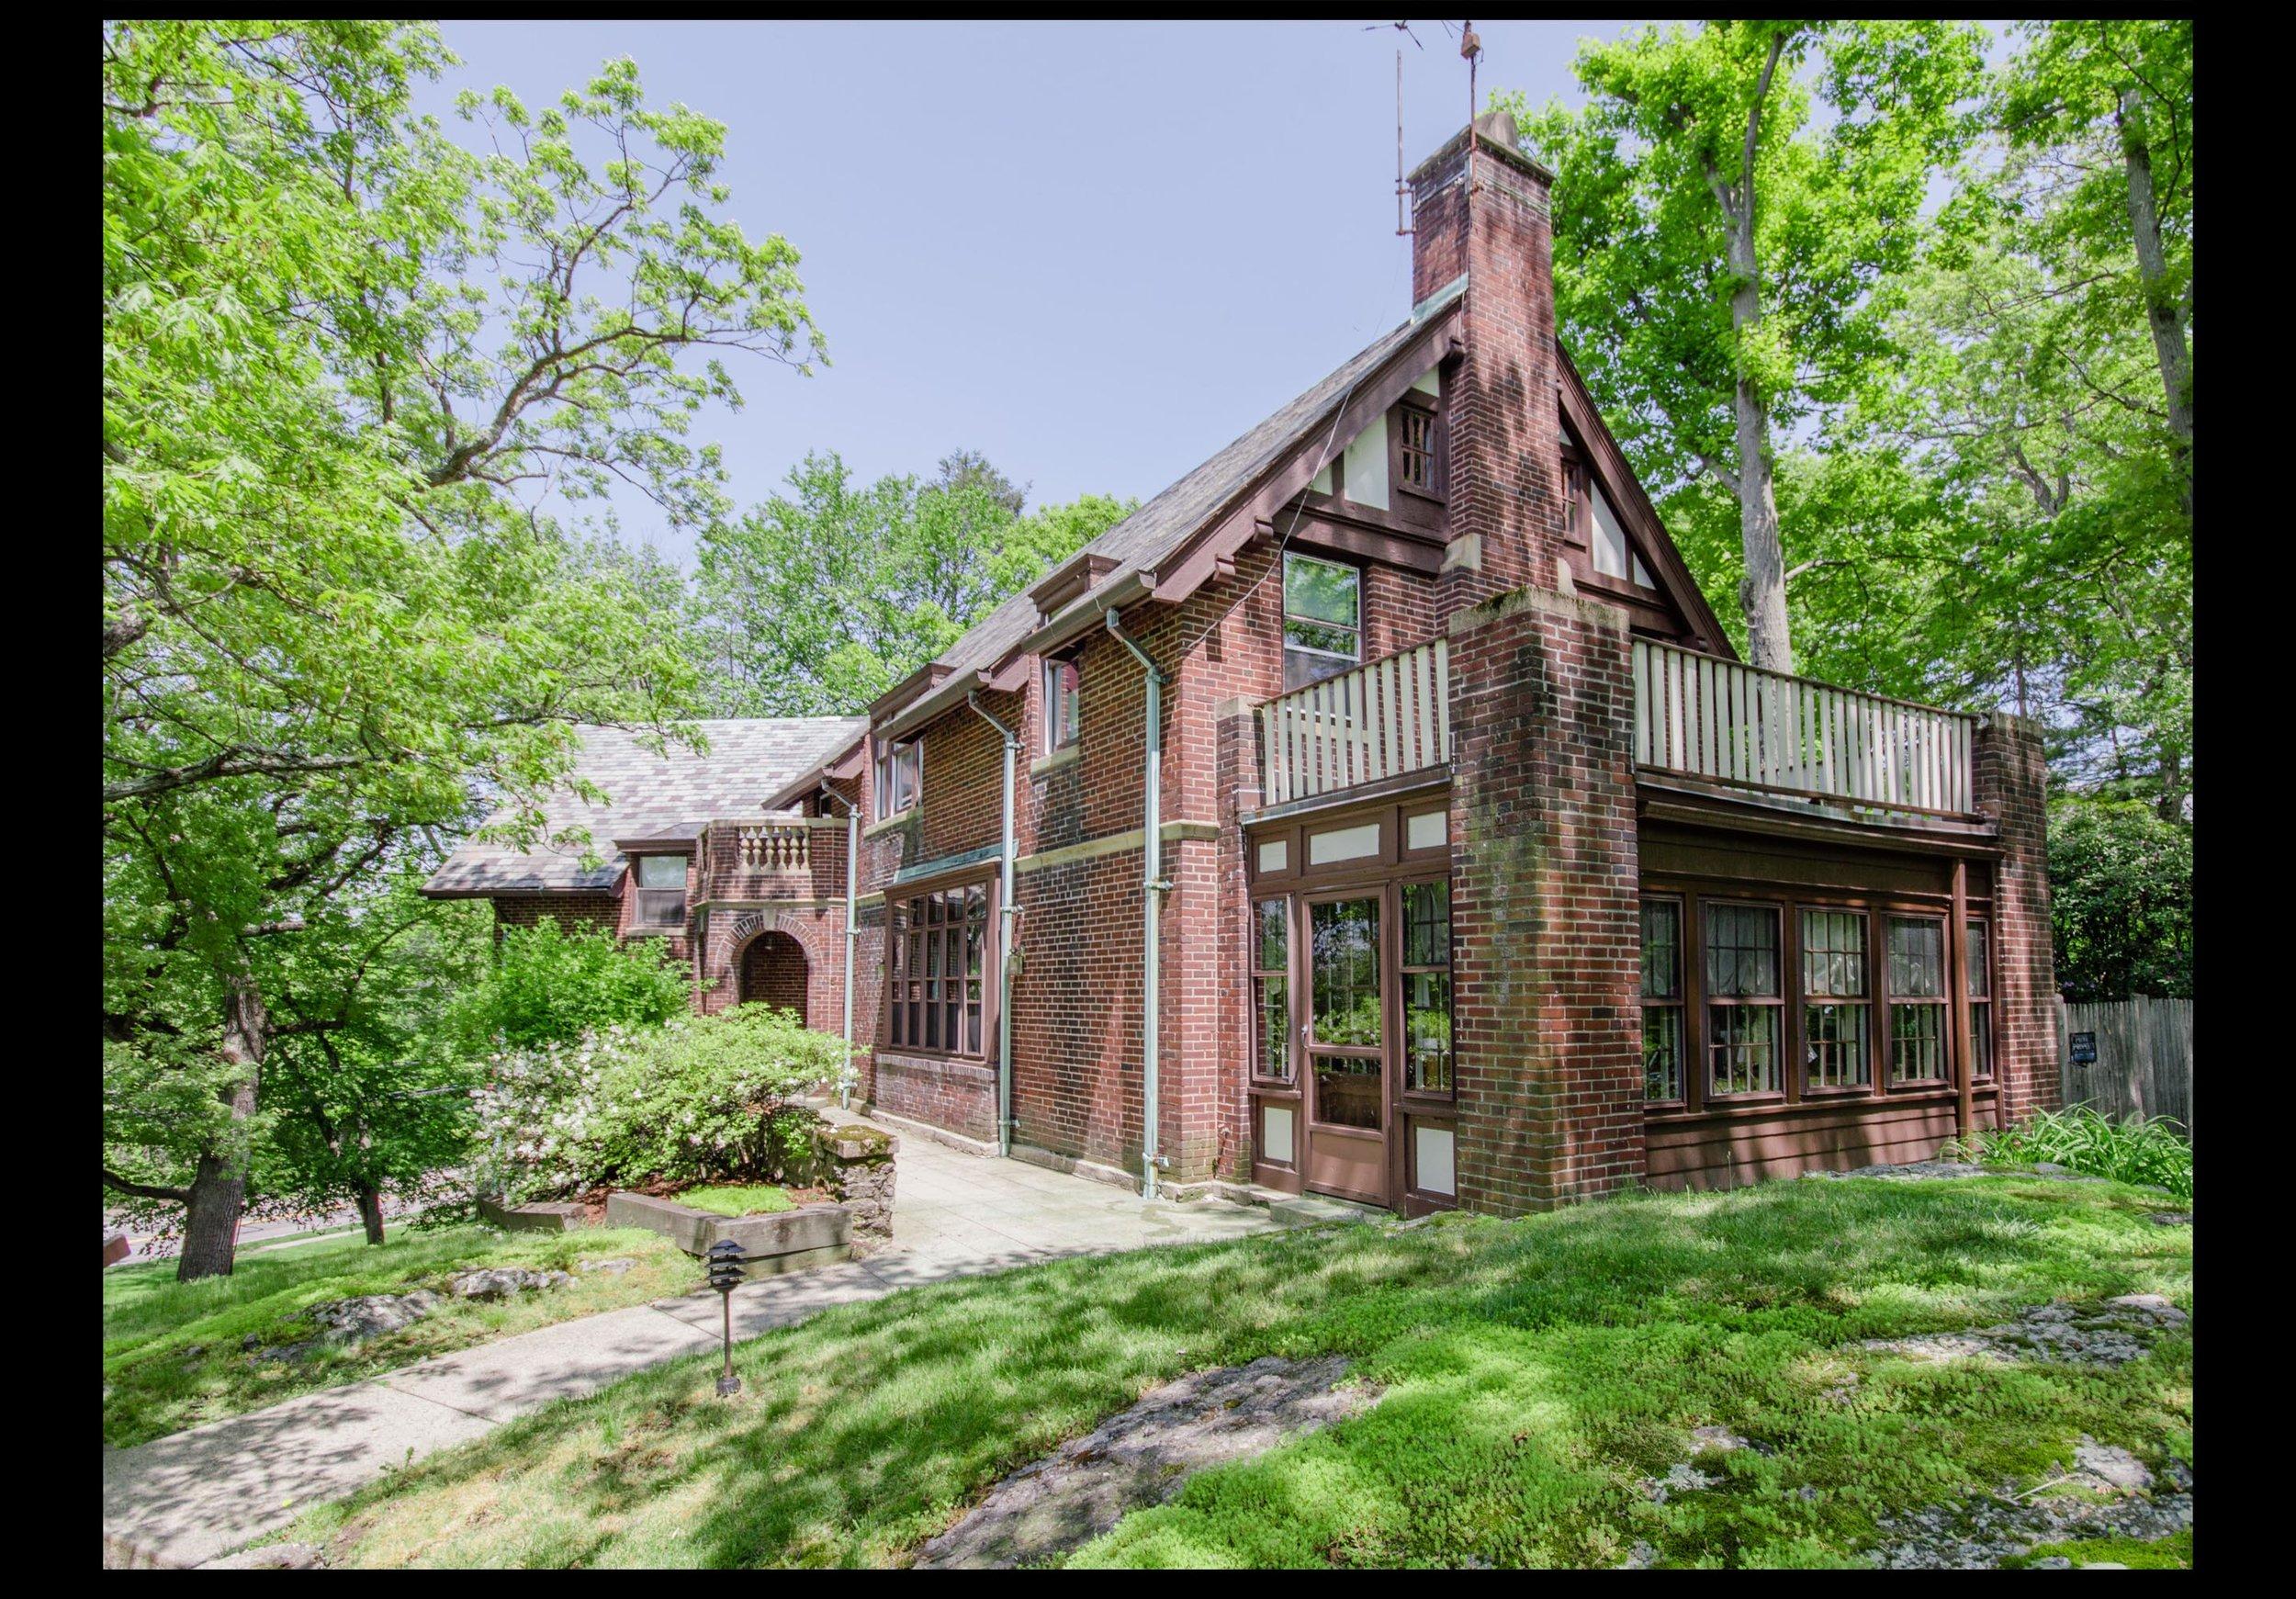 1125 W Roxbury Pkwy Brookline - $1,988,000